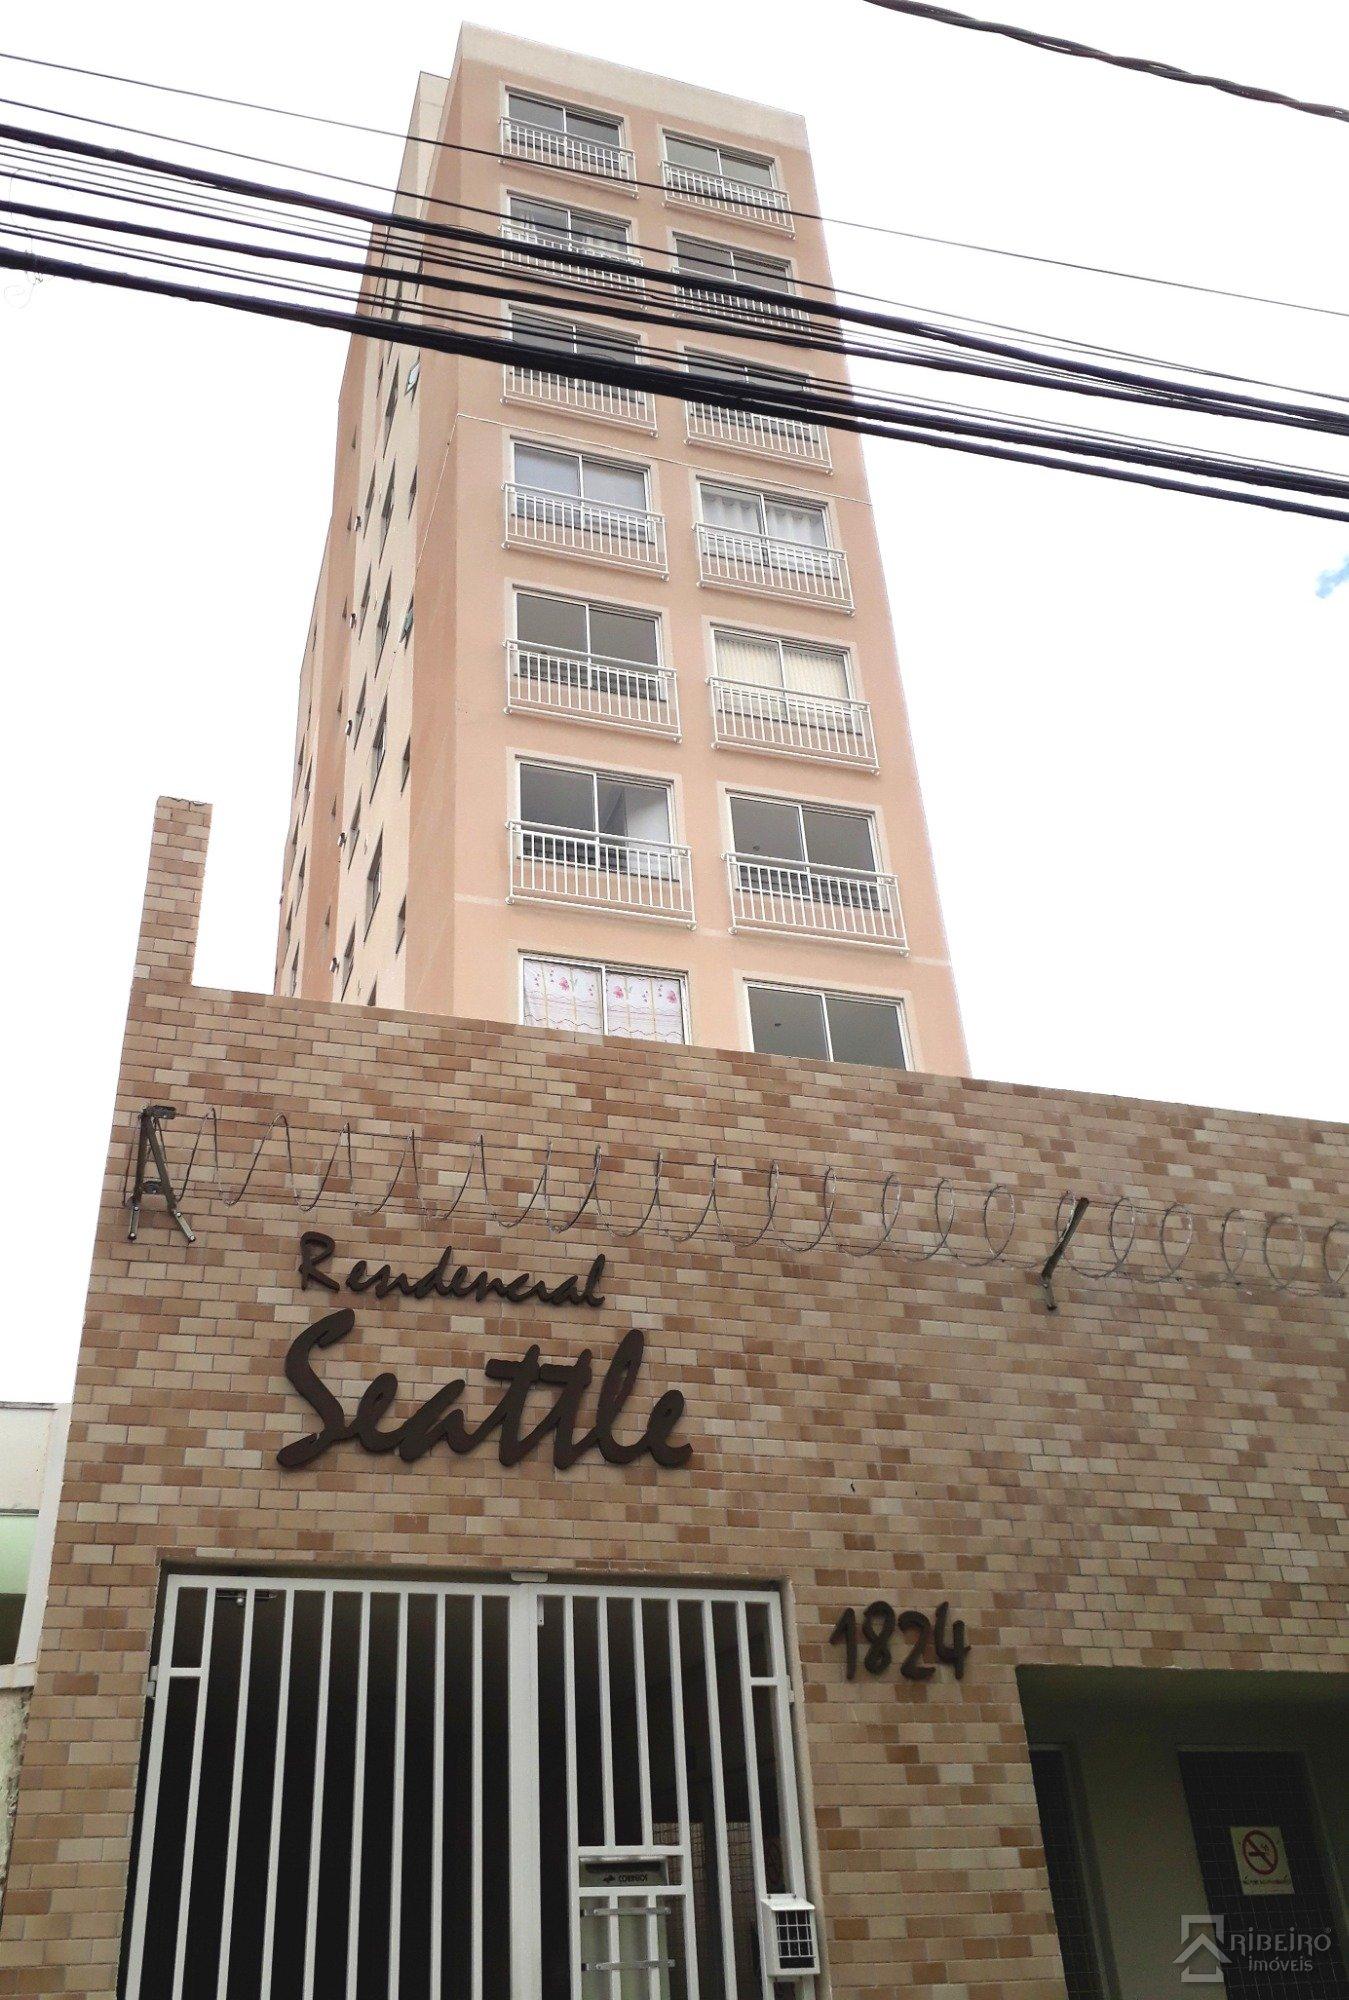 REF. 7139 -  São José Dos Pinhais - Rua  Norberto De Brito, 1824 - Apto 1001